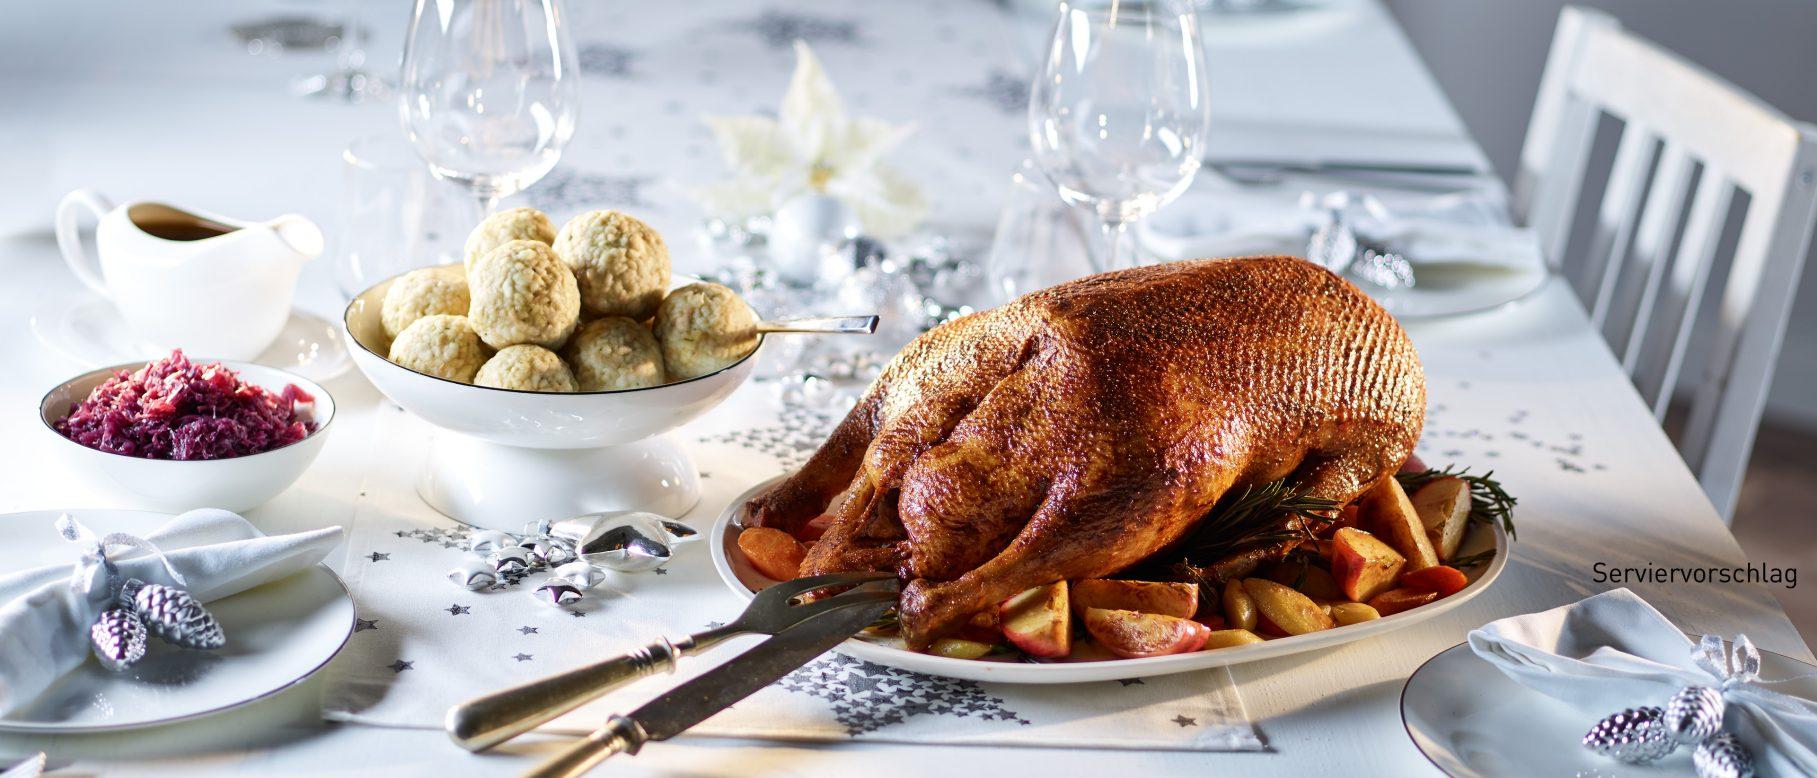 Aldi Weihnachtsessen.Gänsebraten Mit Rotkohl Semmelknödeln Und Soße